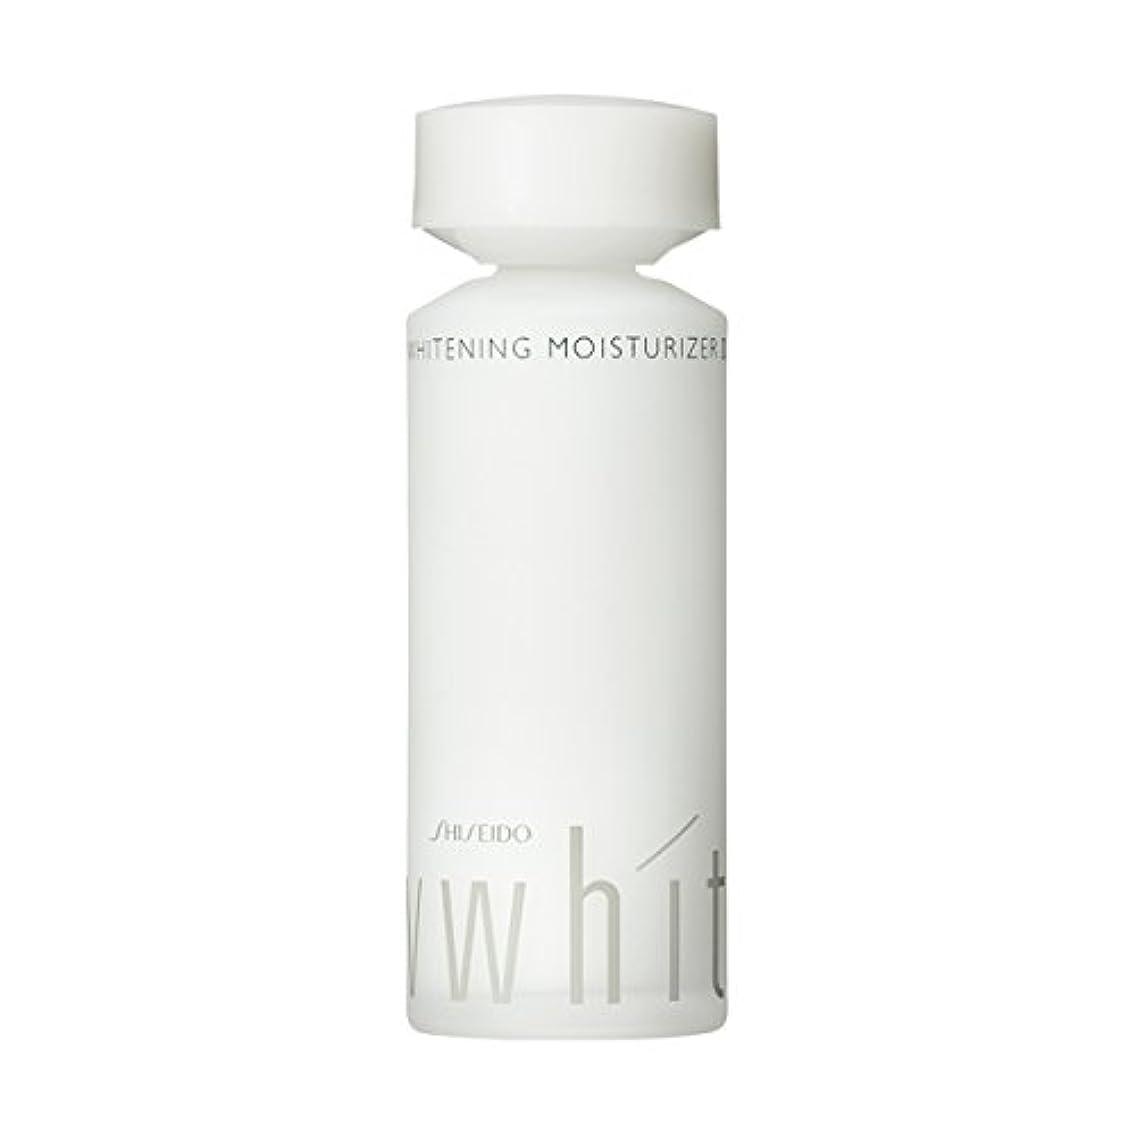 移動する任意速度UVホワイト ホワイトニング モイスチャーライザー 2 100mL 【医薬部外品】